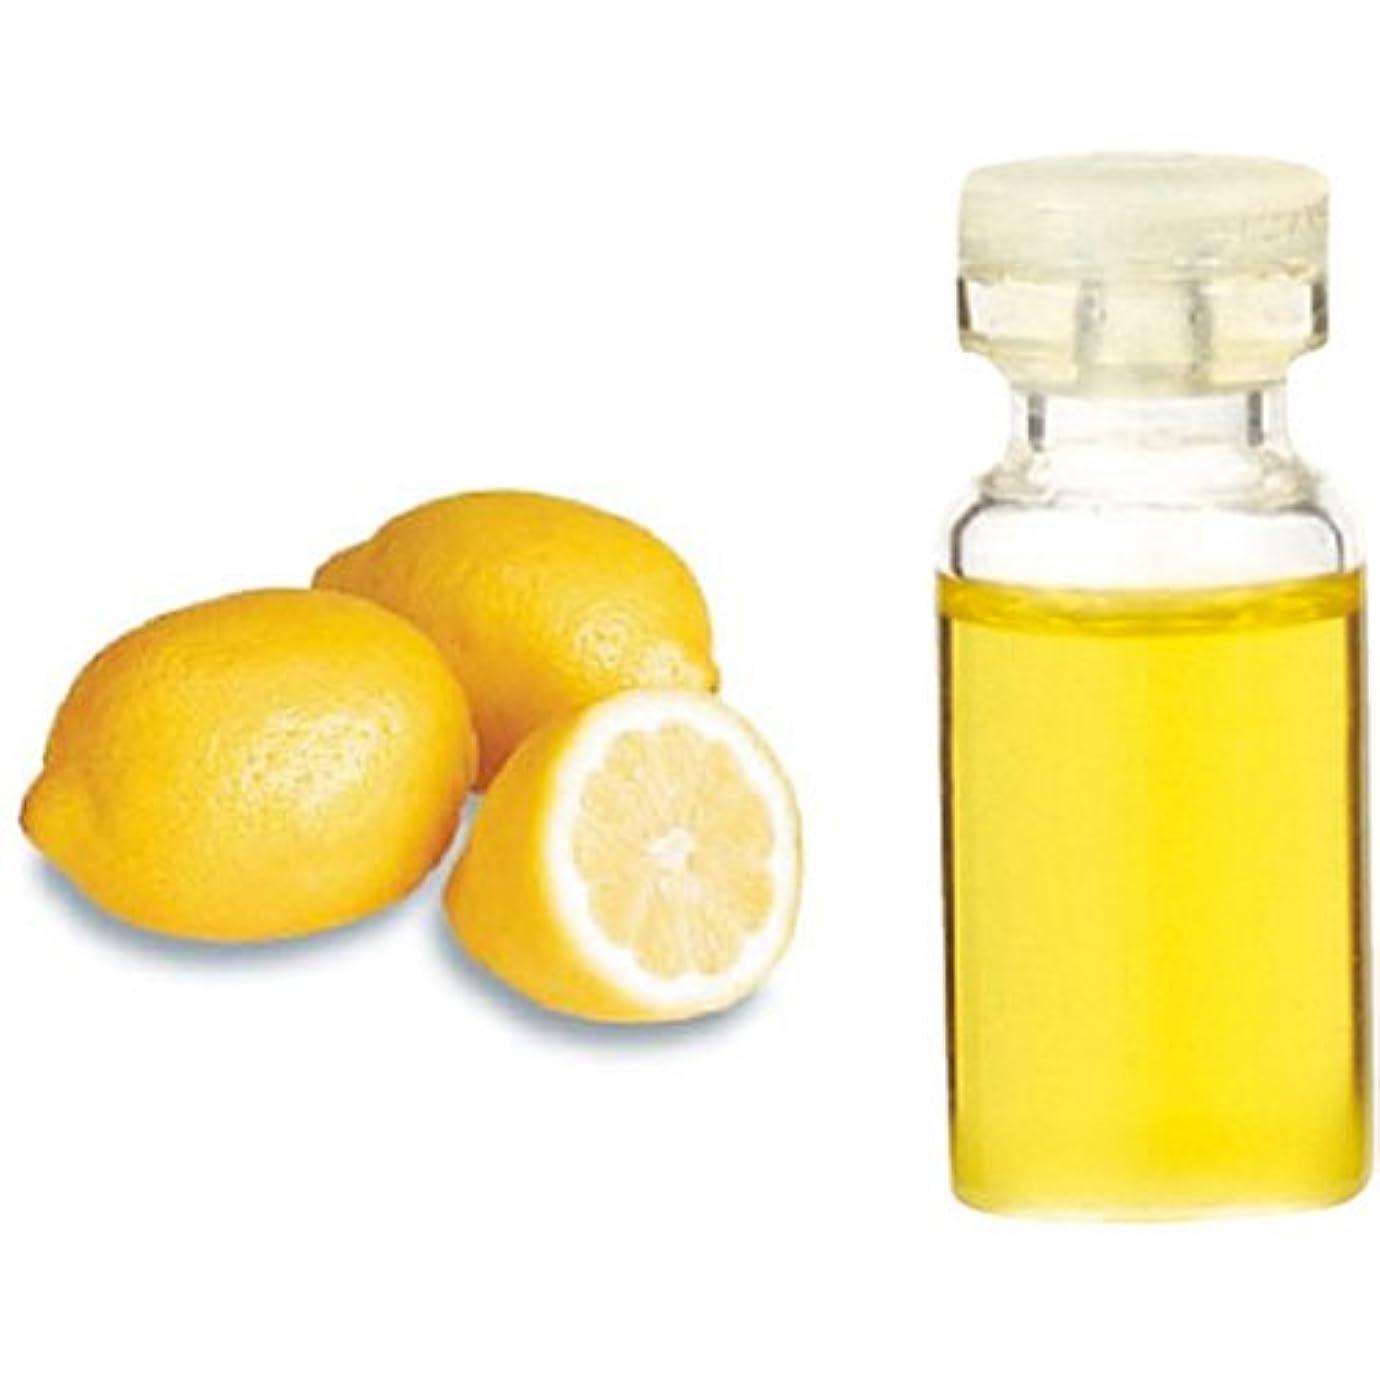 フェローシップ商品補償生活の木 C レモン エッセンシャルオイル 10ml